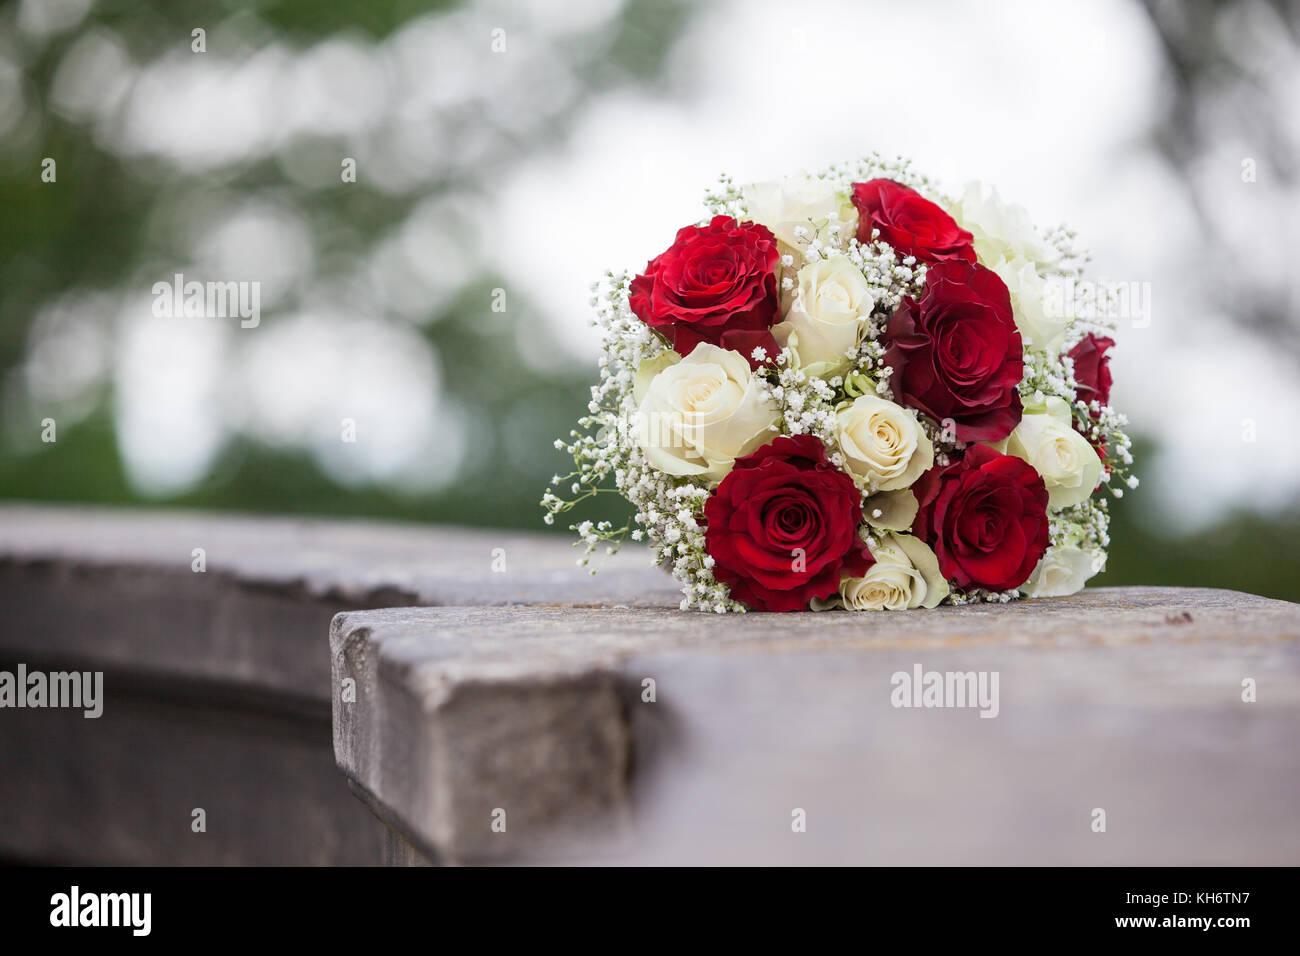 Brautstrauss Weisse Und Rote Rosen Stock Photo 165493587 Alamy